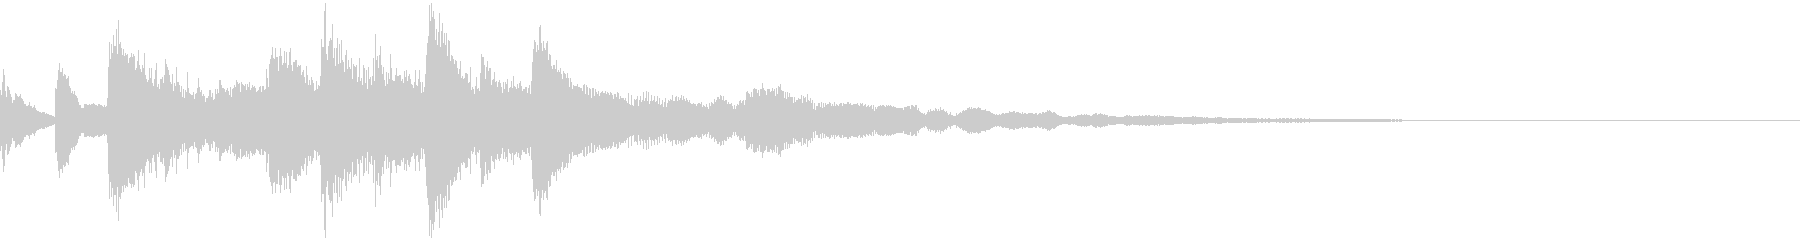 ゲームアニメCM向けしっとりしたジングルの未再生の波形